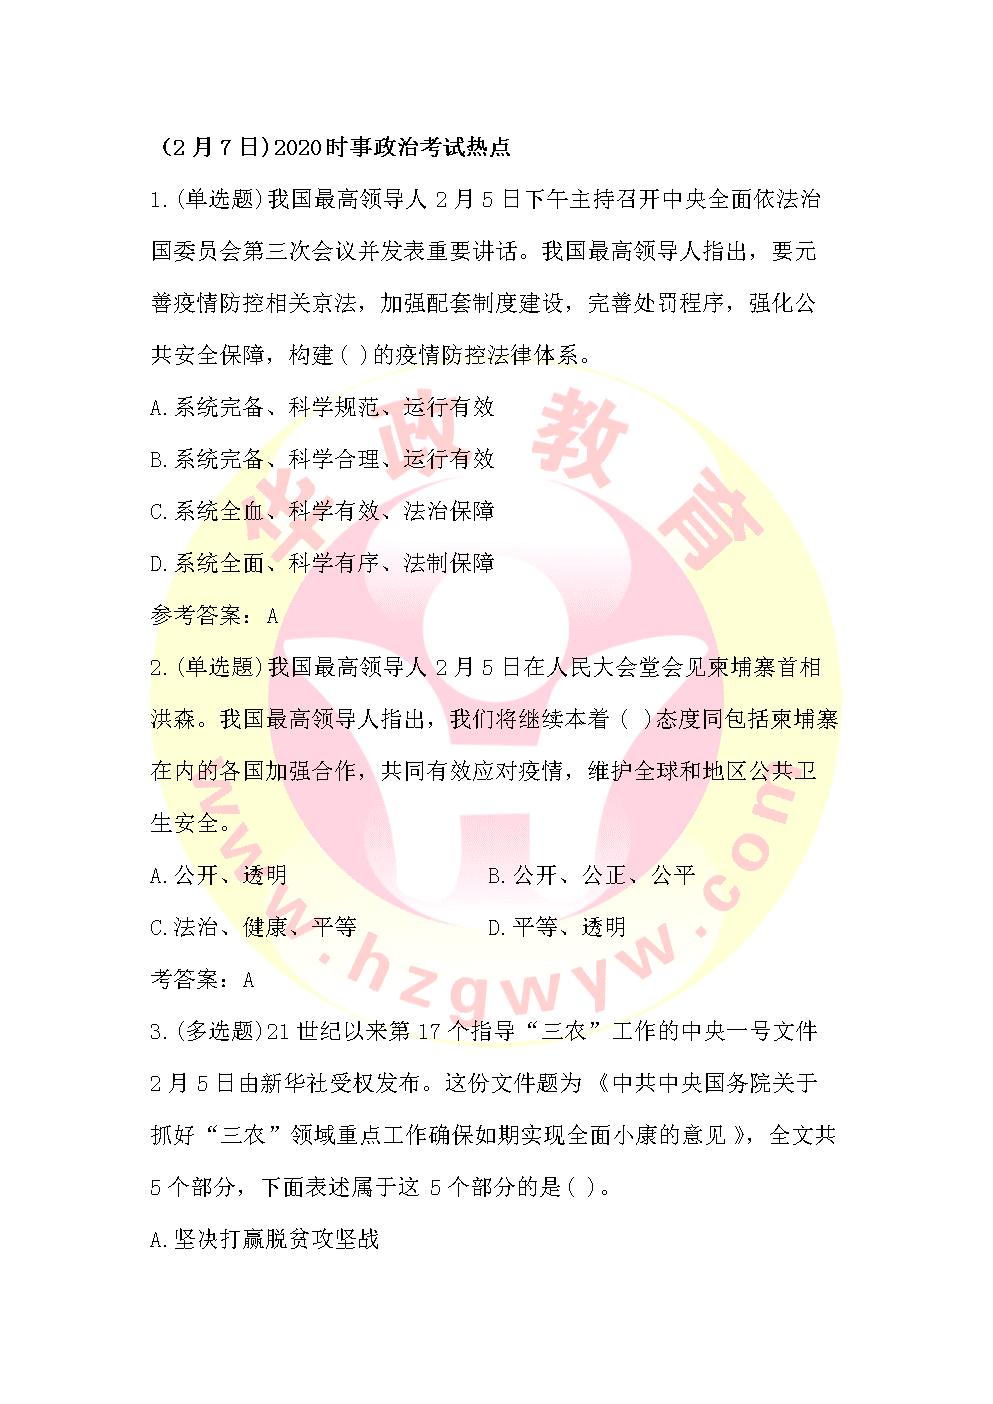 2017时事政治:2017年国内时事新闻热点汇总(11月8日)